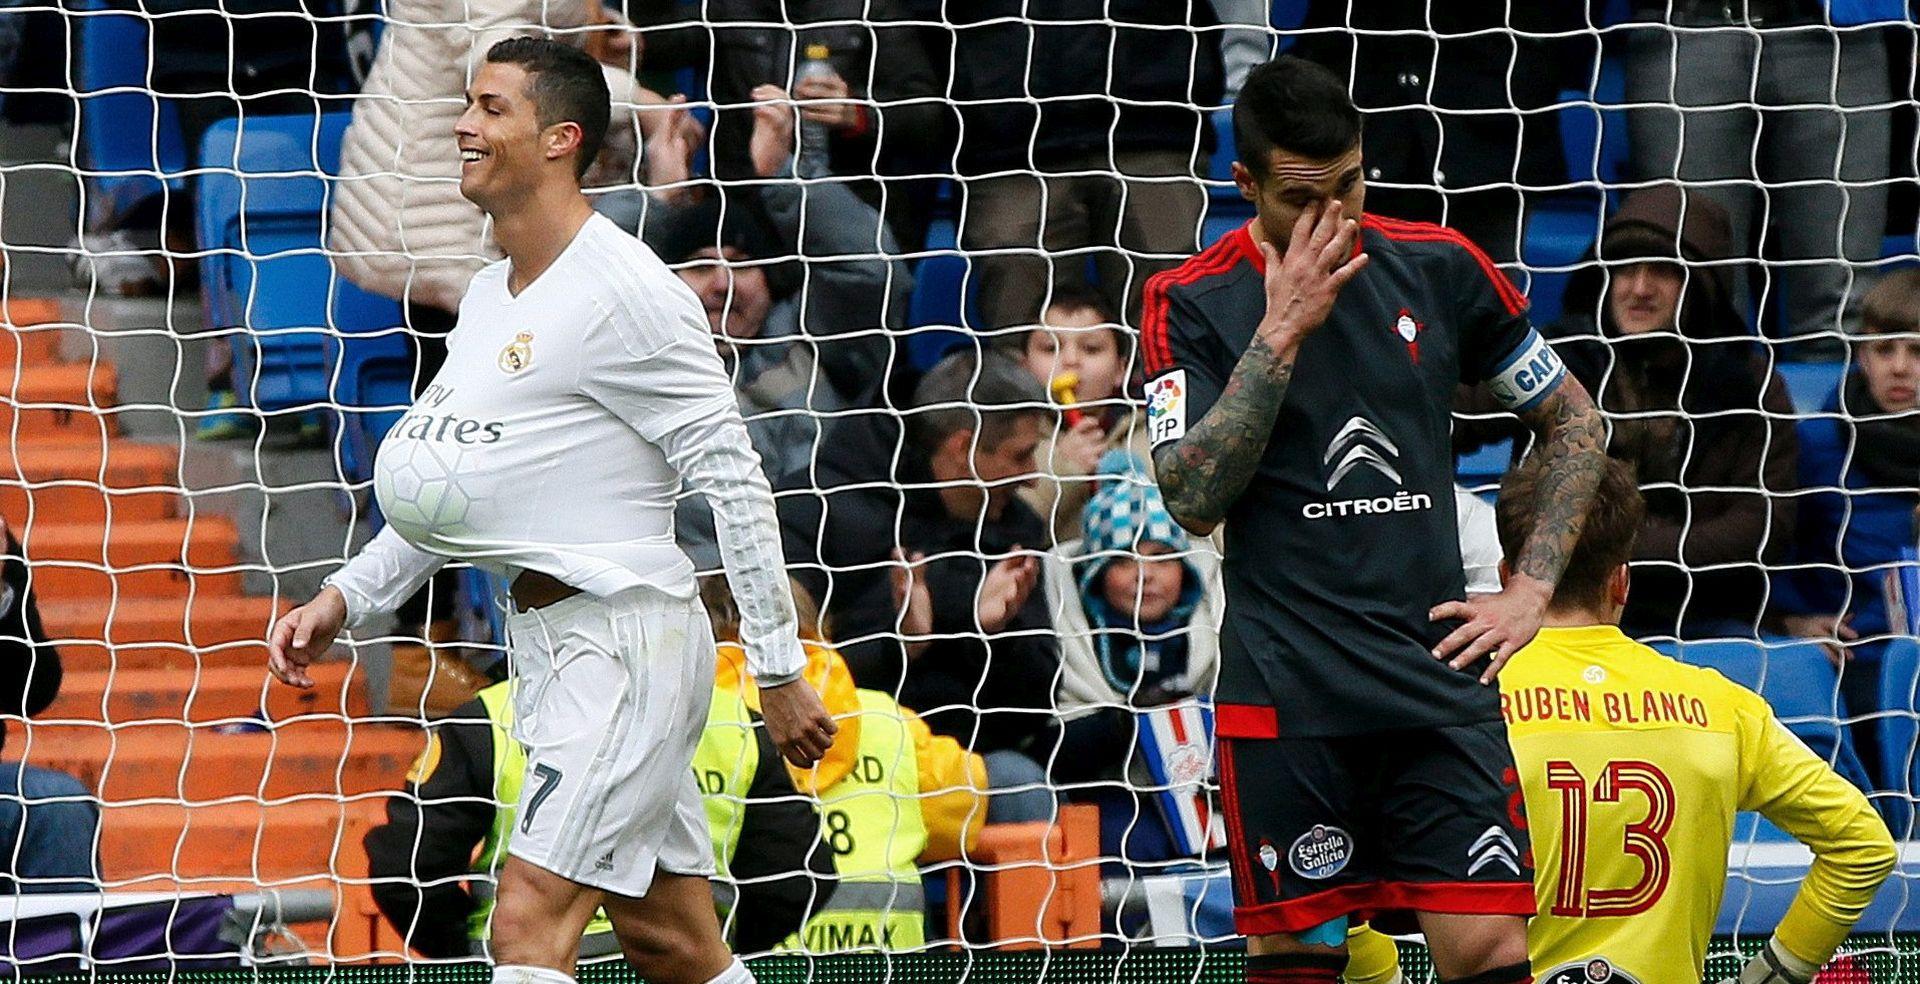 VIDEO: PRIMERA 'Sedmica' Reala, Ronaldo zabio četiri za prvo mjesto na ljestvici strijelaca